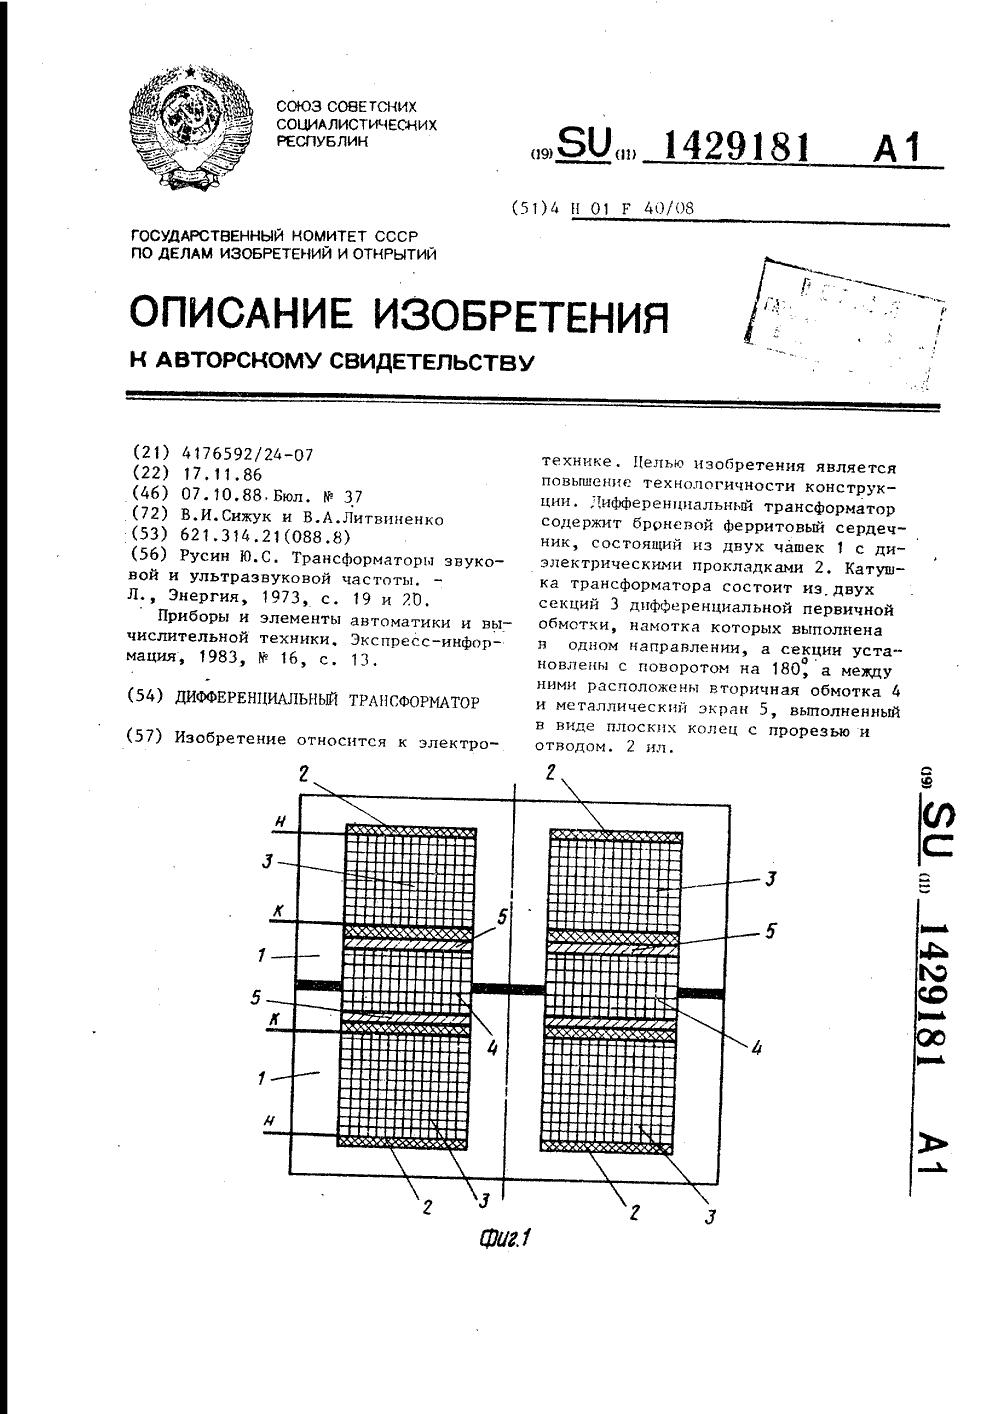 Дифференциальный трансформатор тока своими руками 3